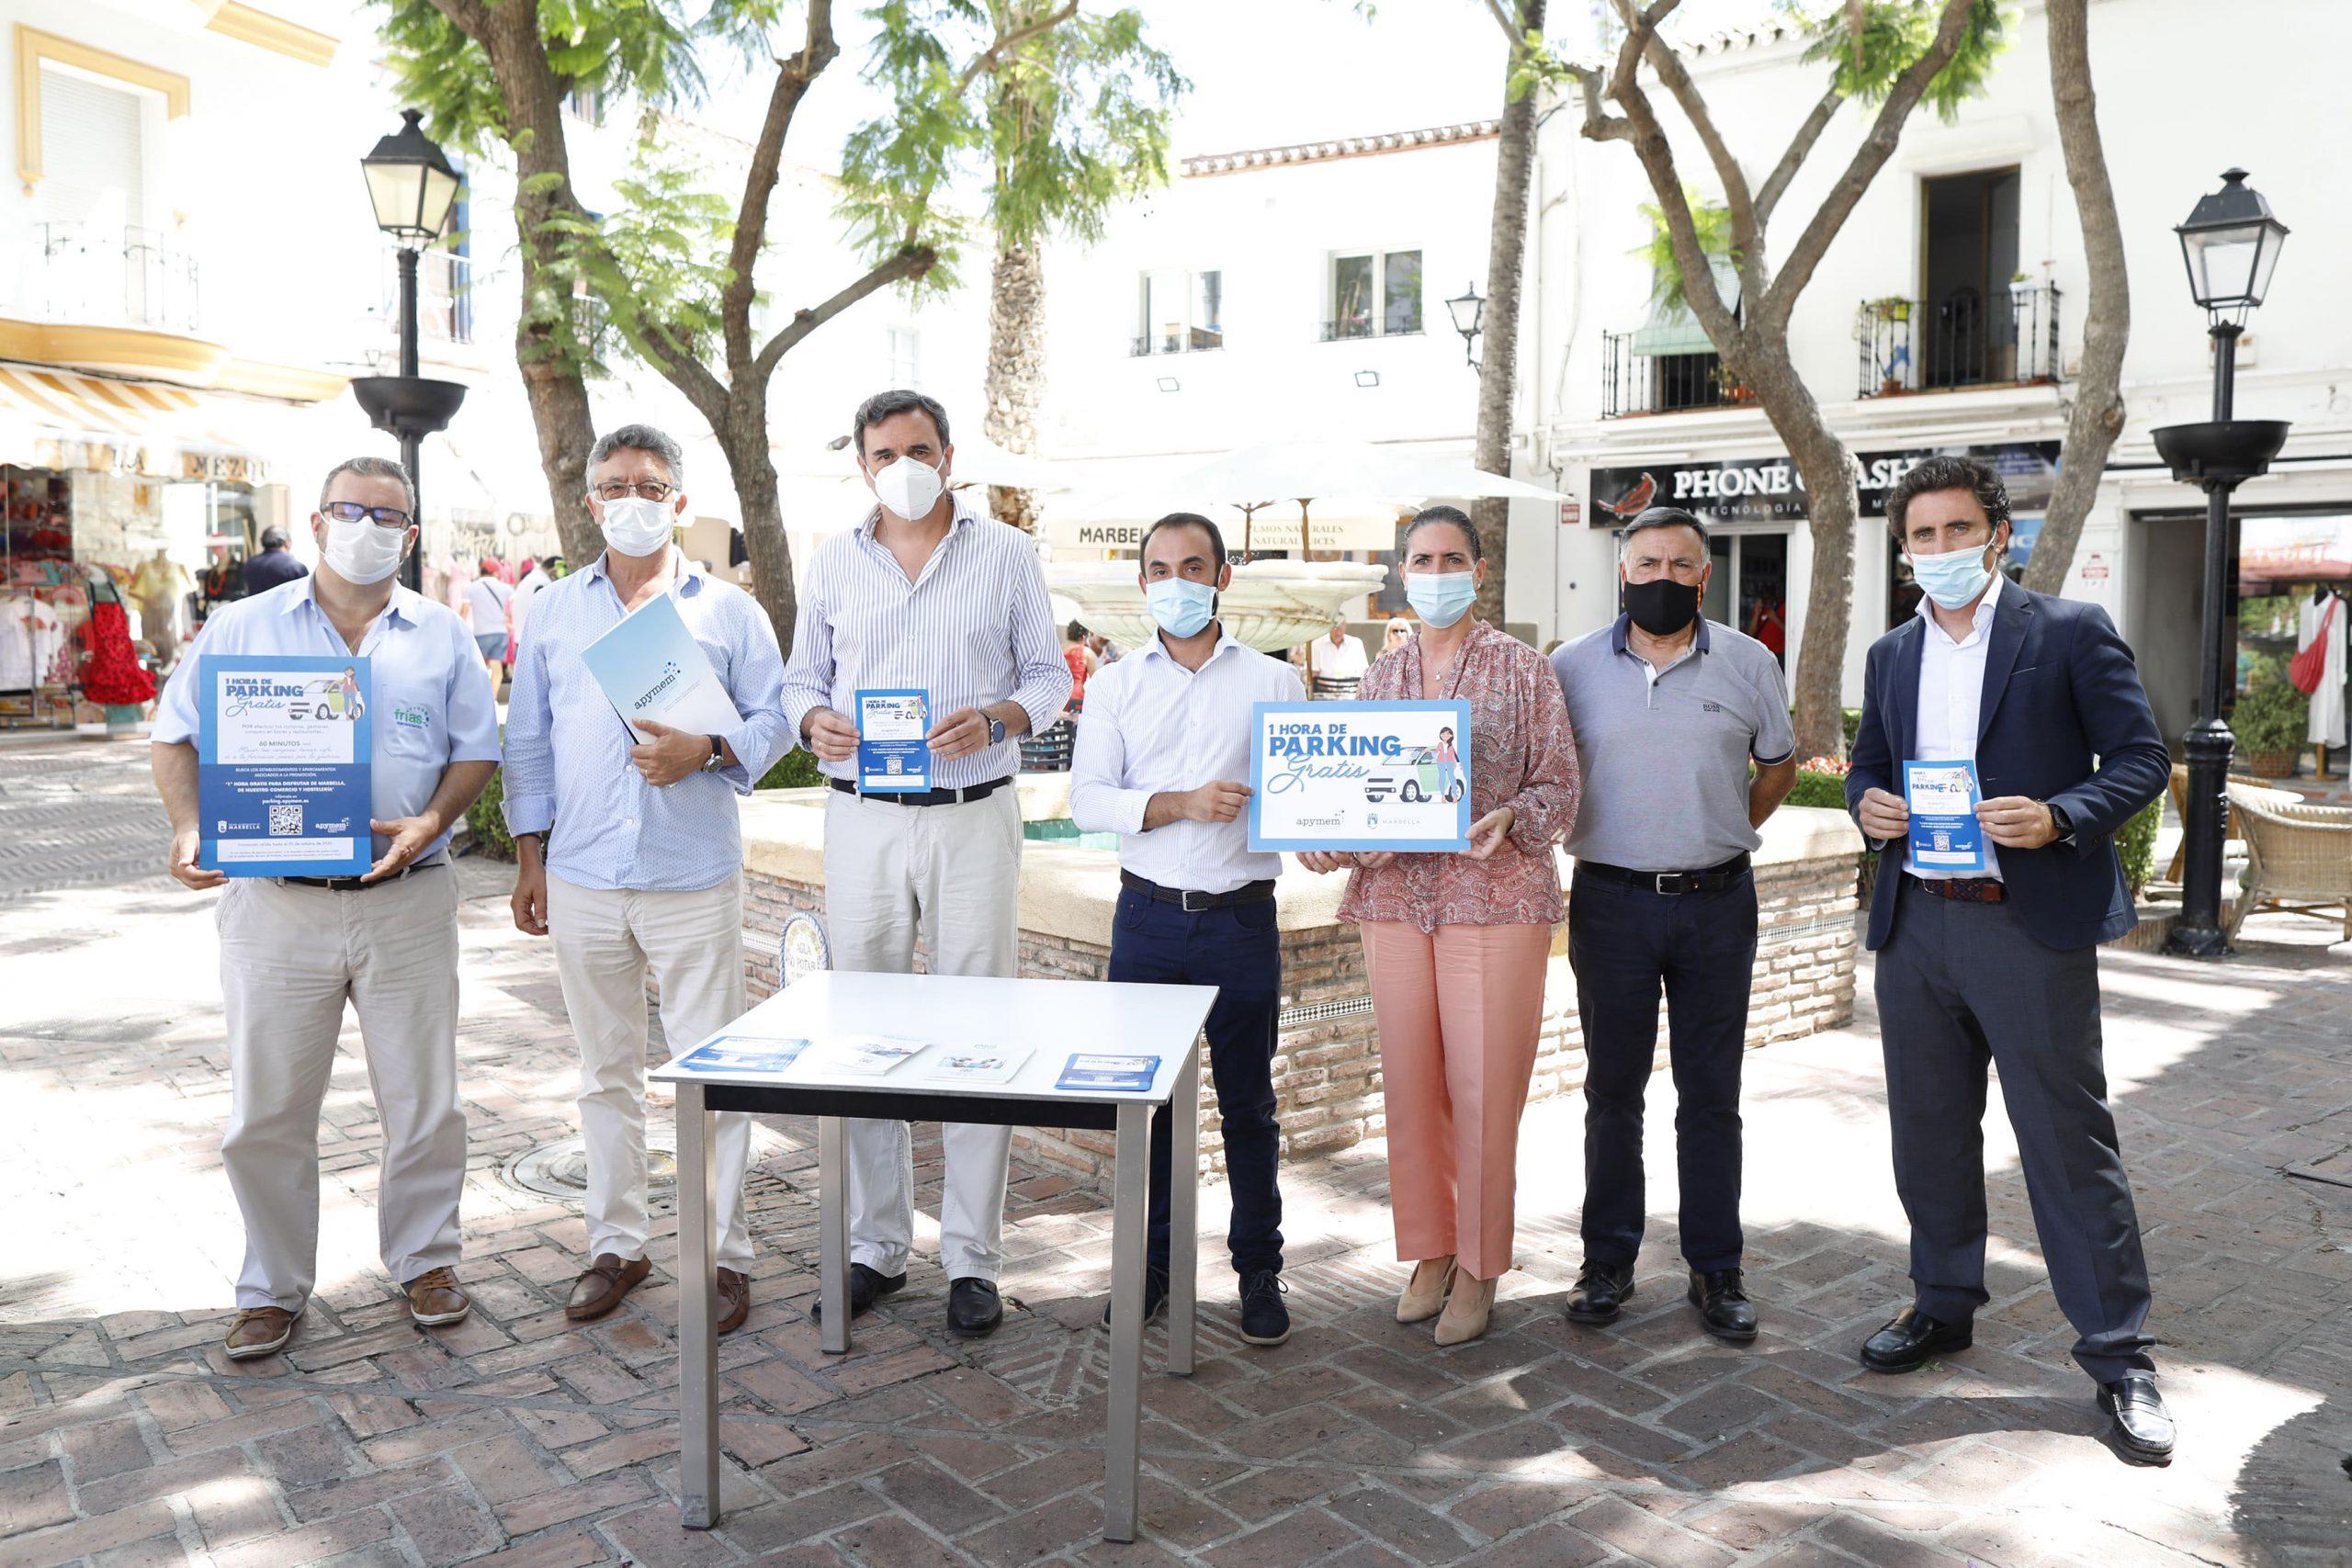 Comercios del centro de Marbella regalarán tiques de aparcamiento gratuito de 1 hora a sus clientes